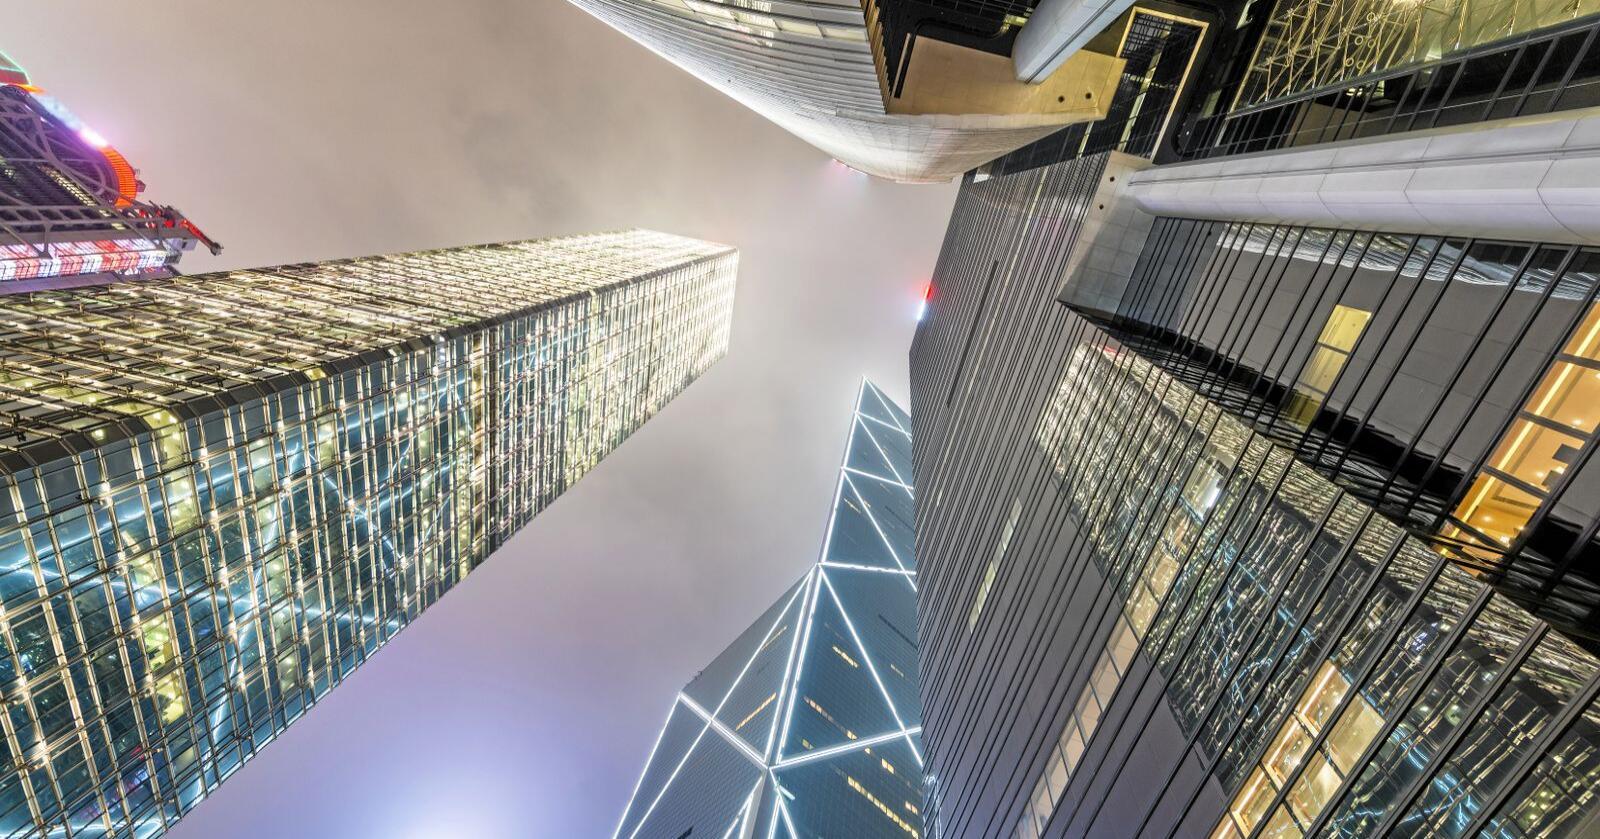 Urbant eller ruralt: Den styrende eliten i verdens storbyer bygger allianser for å fremme urbane verdier og byenes versjoner av hvordan fremtiden skal bygges. Da må forkjemperne for de rurale verdiene svare med samme metode. Foto: Mostphotos